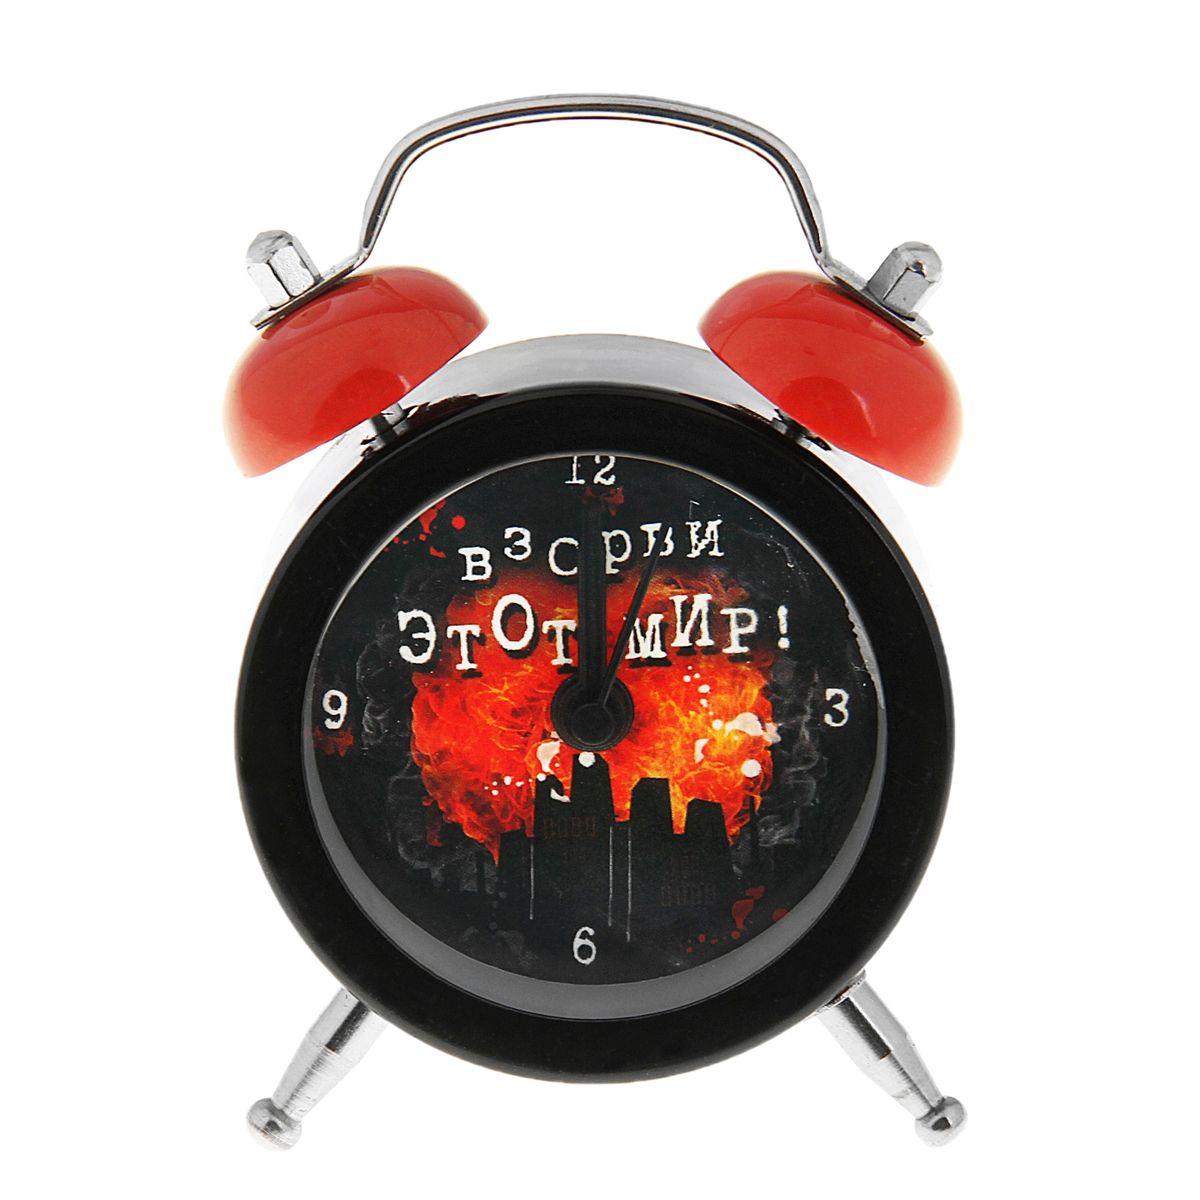 Часы-будильник Sima-land Взорви этот мир15118408Как же сложно иногда вставать вовремя! Всегда так хочется поспать еще хотя бы 5 минут и бывает, что мы просыпаем. Теперь этого не случится! Яркий, оригинальный будильник Sima-land Взорви этот мир поможет вам всегда вставать в нужное время и успевать везде и всюду. Будильник украсит вашу комнату и приведет в восхищение друзей. Эта уменьшенная версия привычного будильника умещается на ладони и работает так же громко, как и привычные аналоги. Время показывает точно и будит в установленный час.На задней панели будильника расположены переключатель включения/выключения механизма, а также два колесика для настройки текущего времени и времени звонка будильника.Будильник работает от 1 батарейки типа LR44 (входит в комплект).